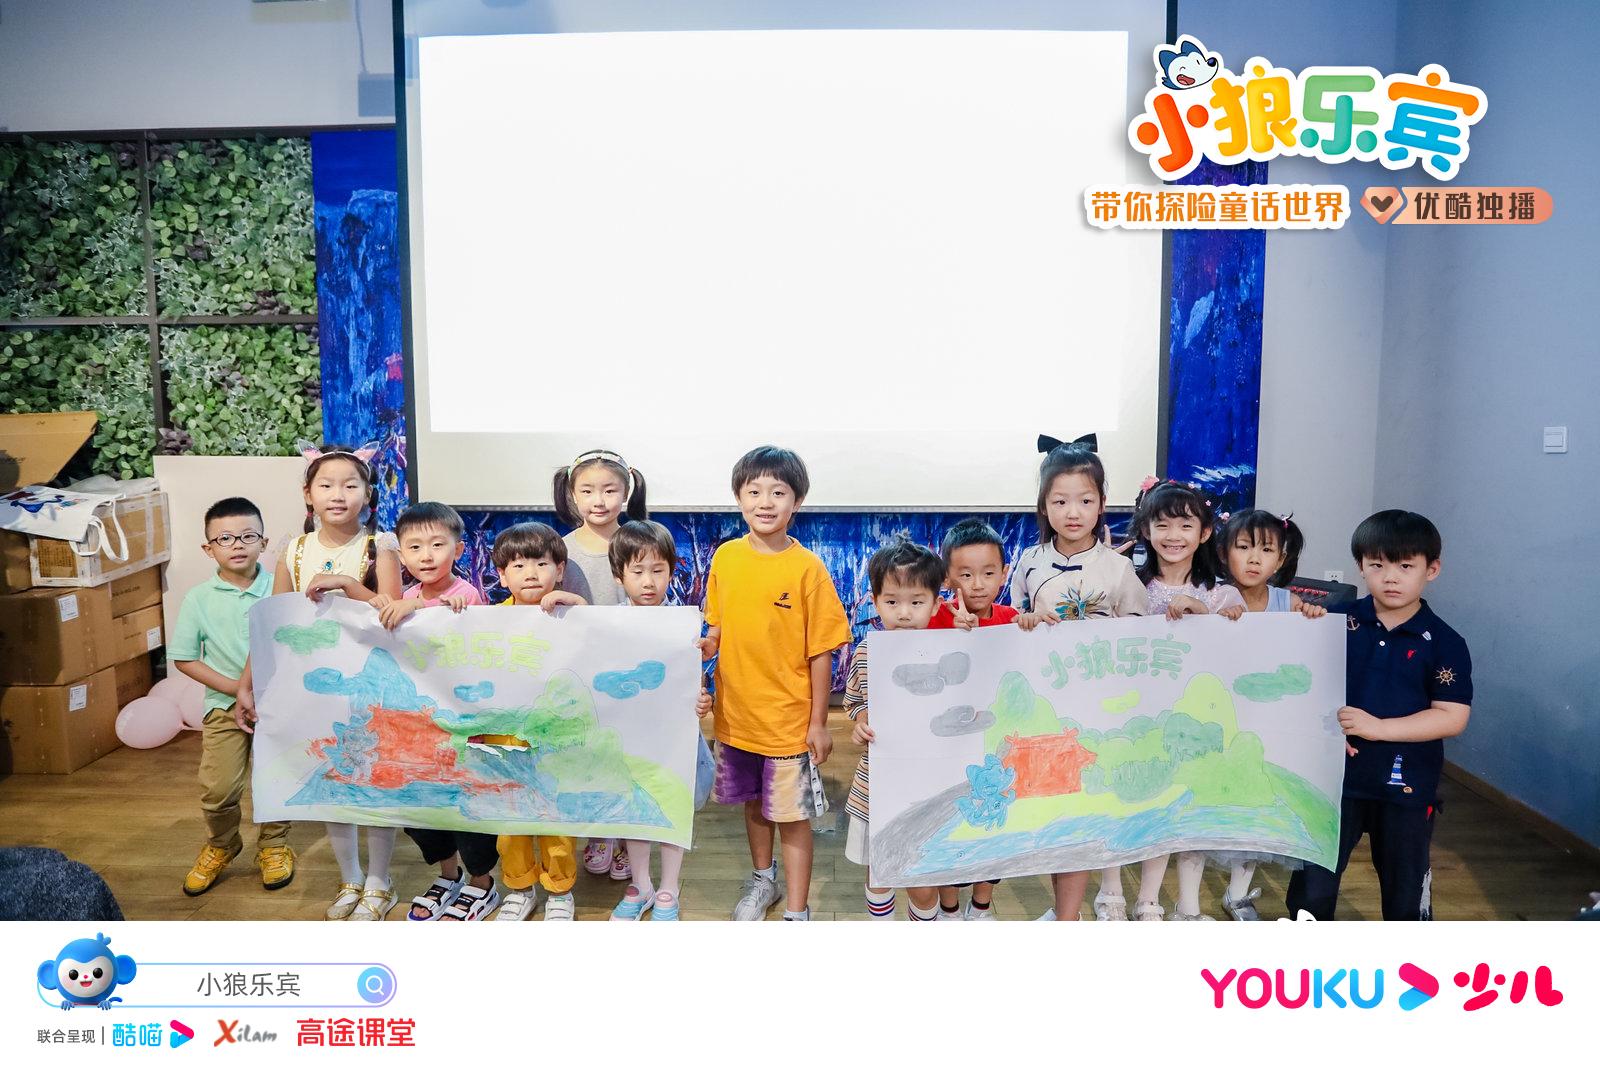 优酷少儿联合出品的《小狼乐宾》首播,三大教育理念引领孩子成长